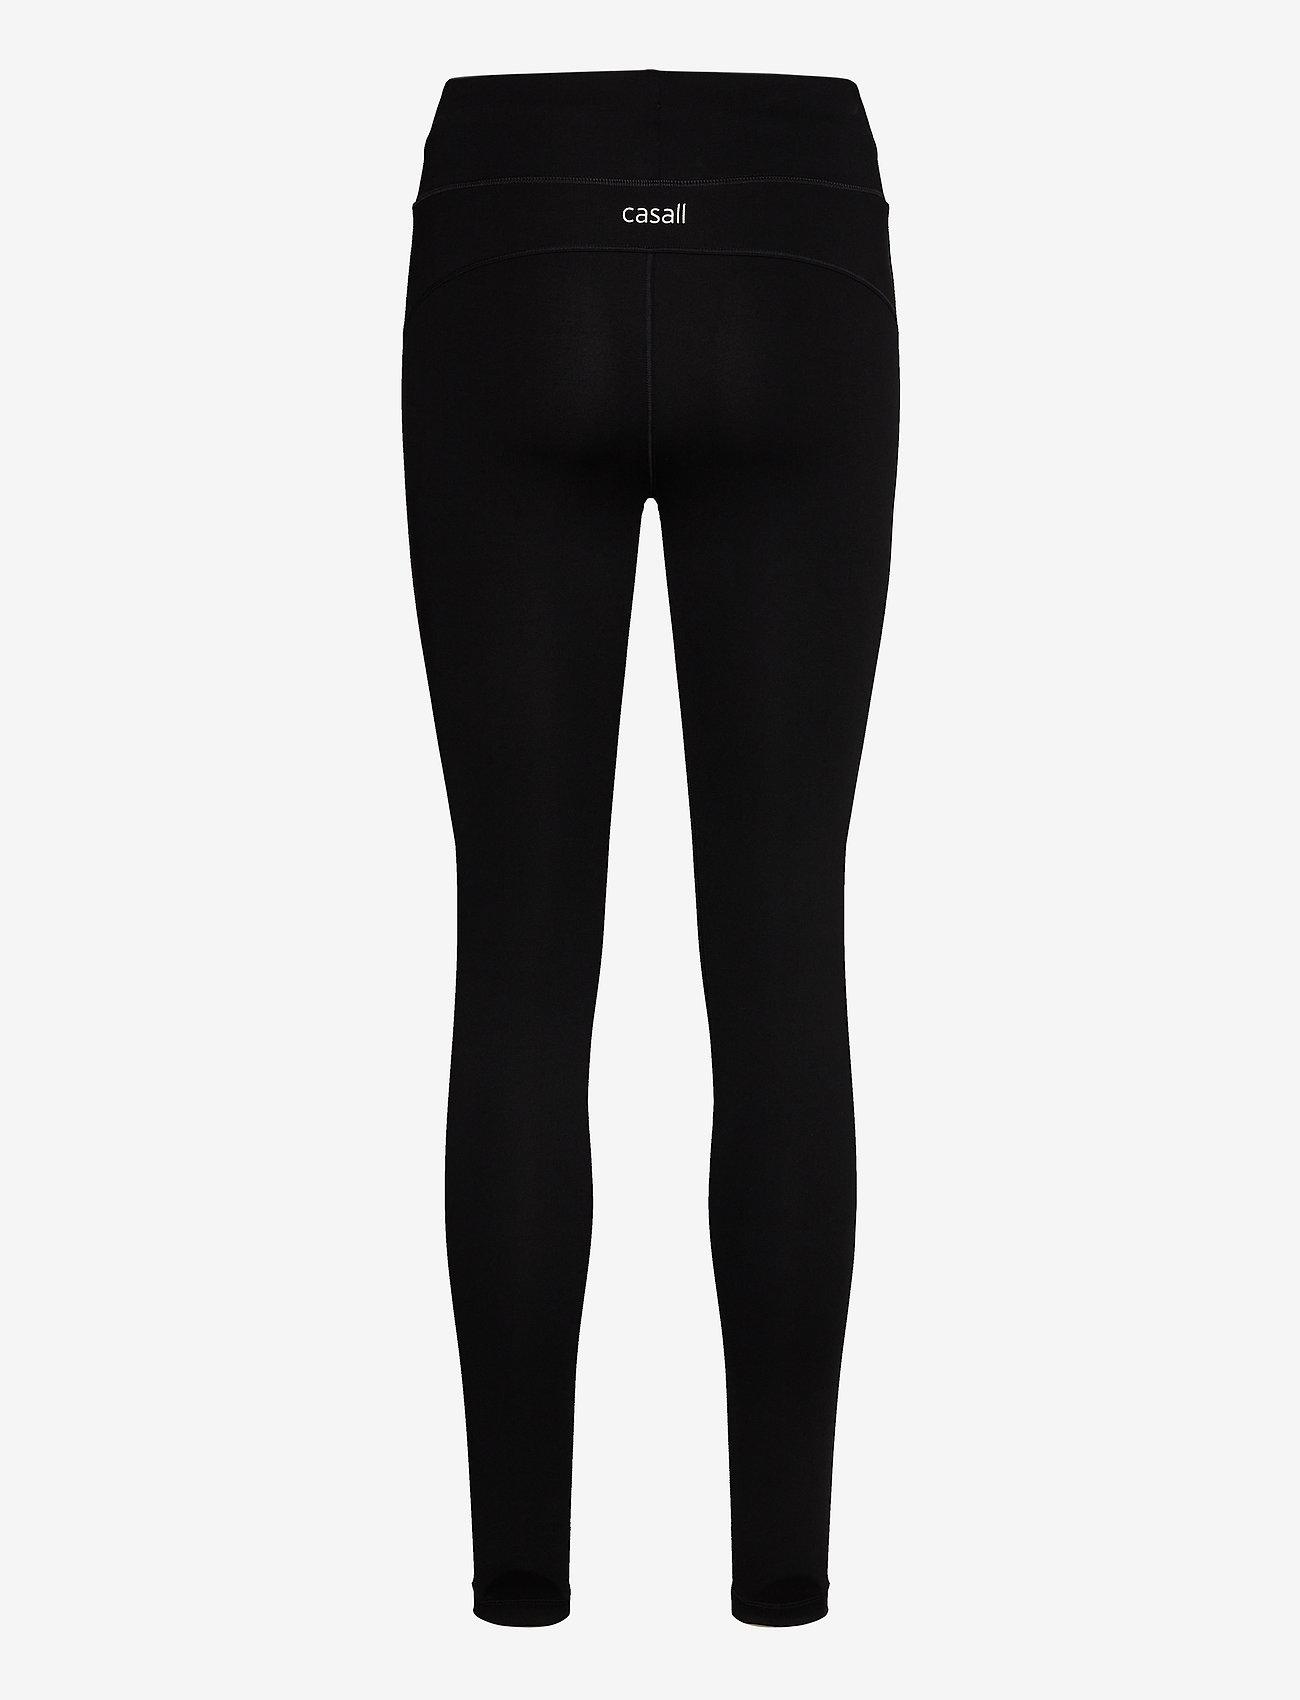 Casall - Essential 7/8 Tights - running & training tights - black - 1